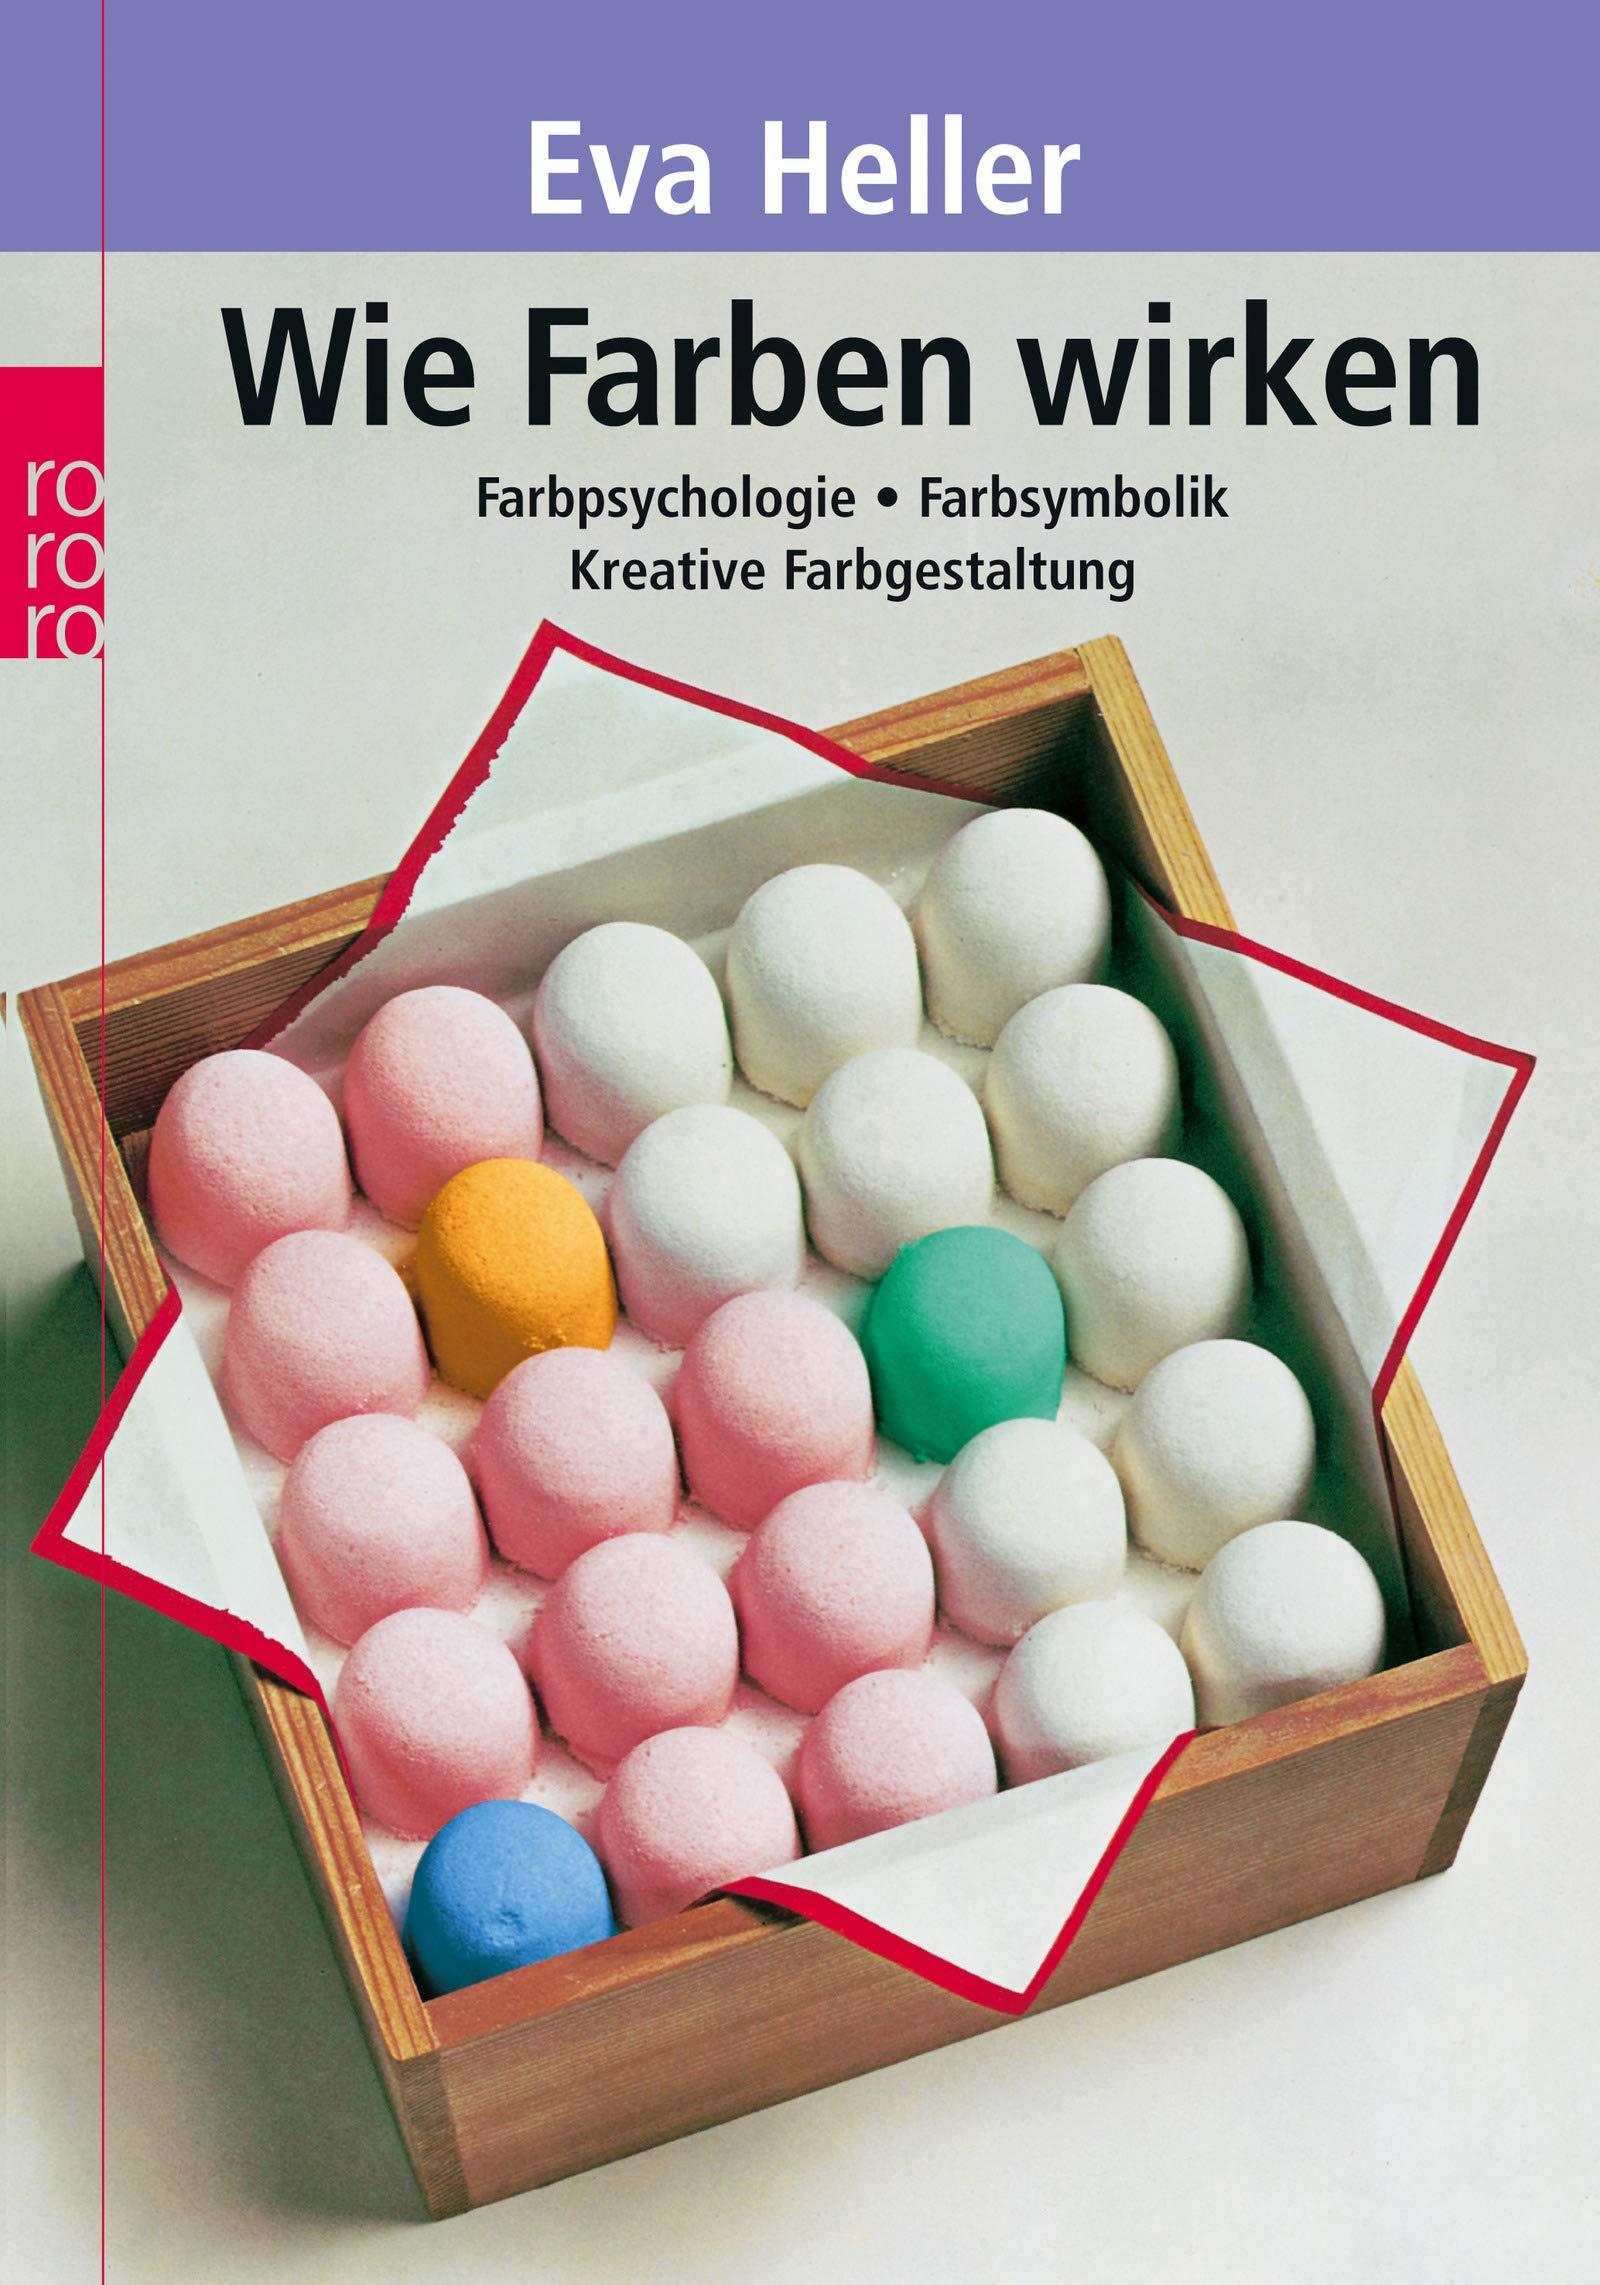 Wie Farben wirken: Farbpsychologie - Farbsymbolik - Kreative Farbgestaltung Taschenbuch – Special Edition, 1. Dezember 2004 Eva Heller Rowohlt Taschenbuch 3499619601 Angewandte Psychologie